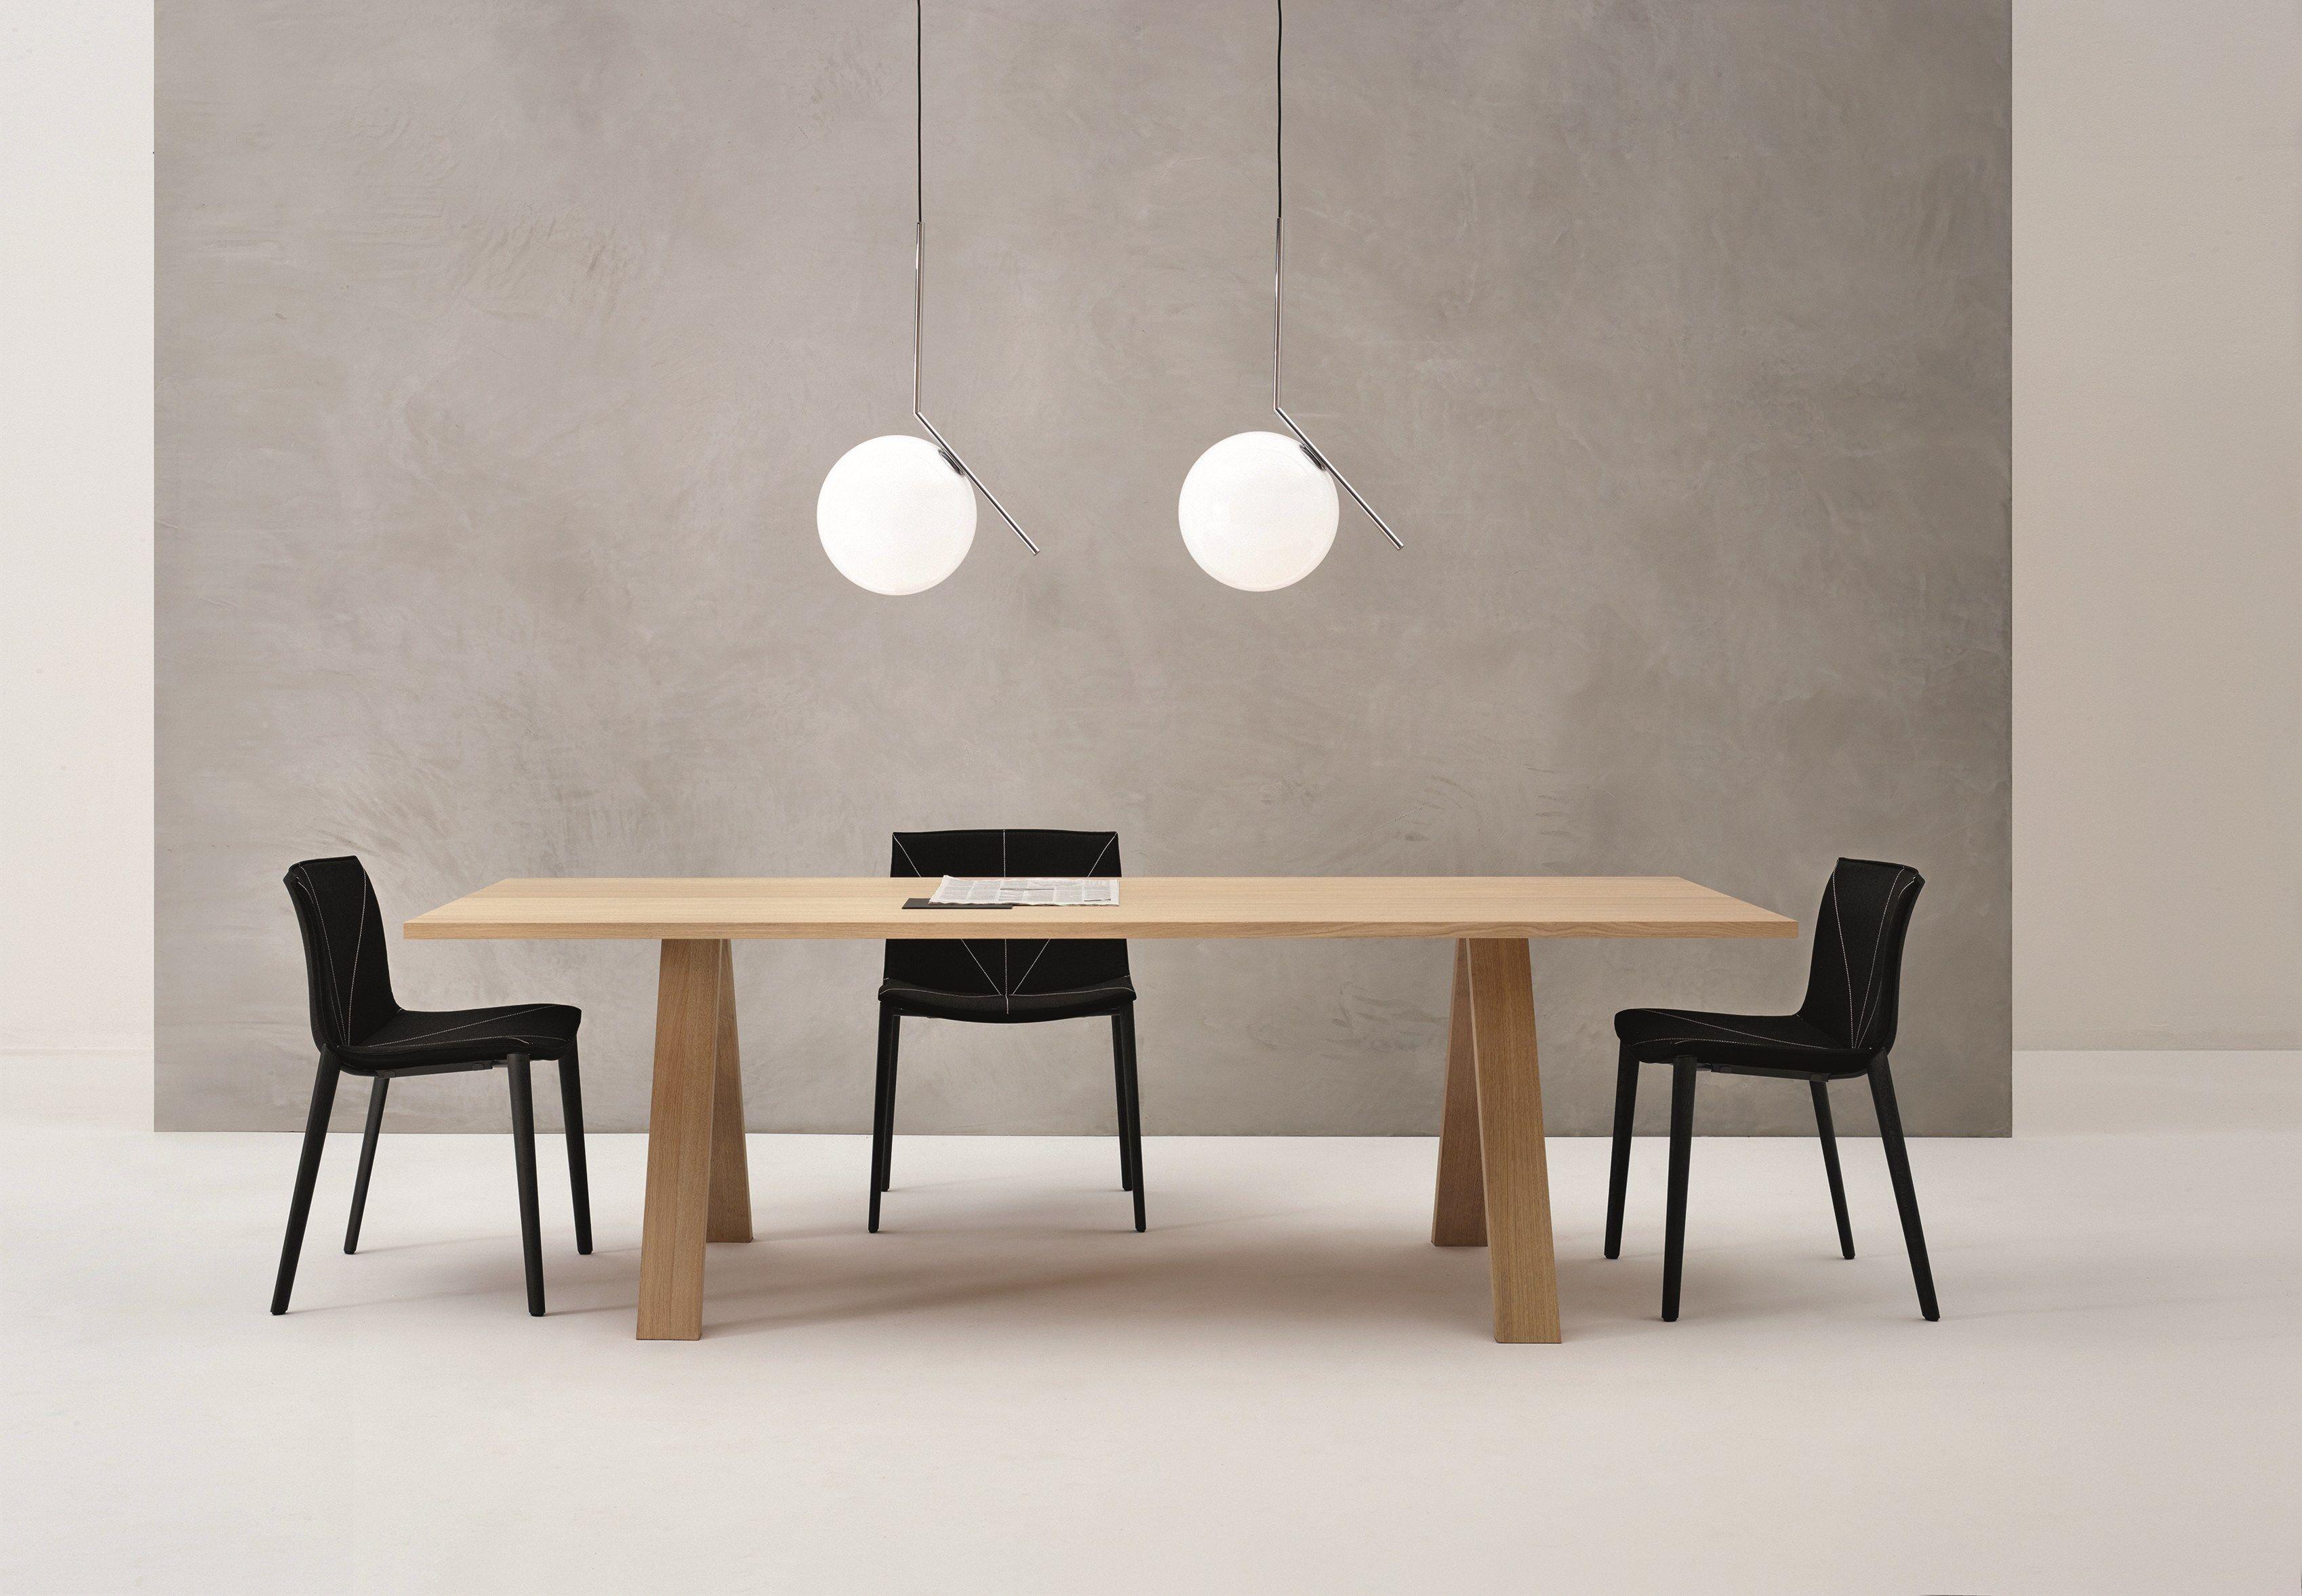 cross  table by arper design metrica bruno fattorini robin rizzini -